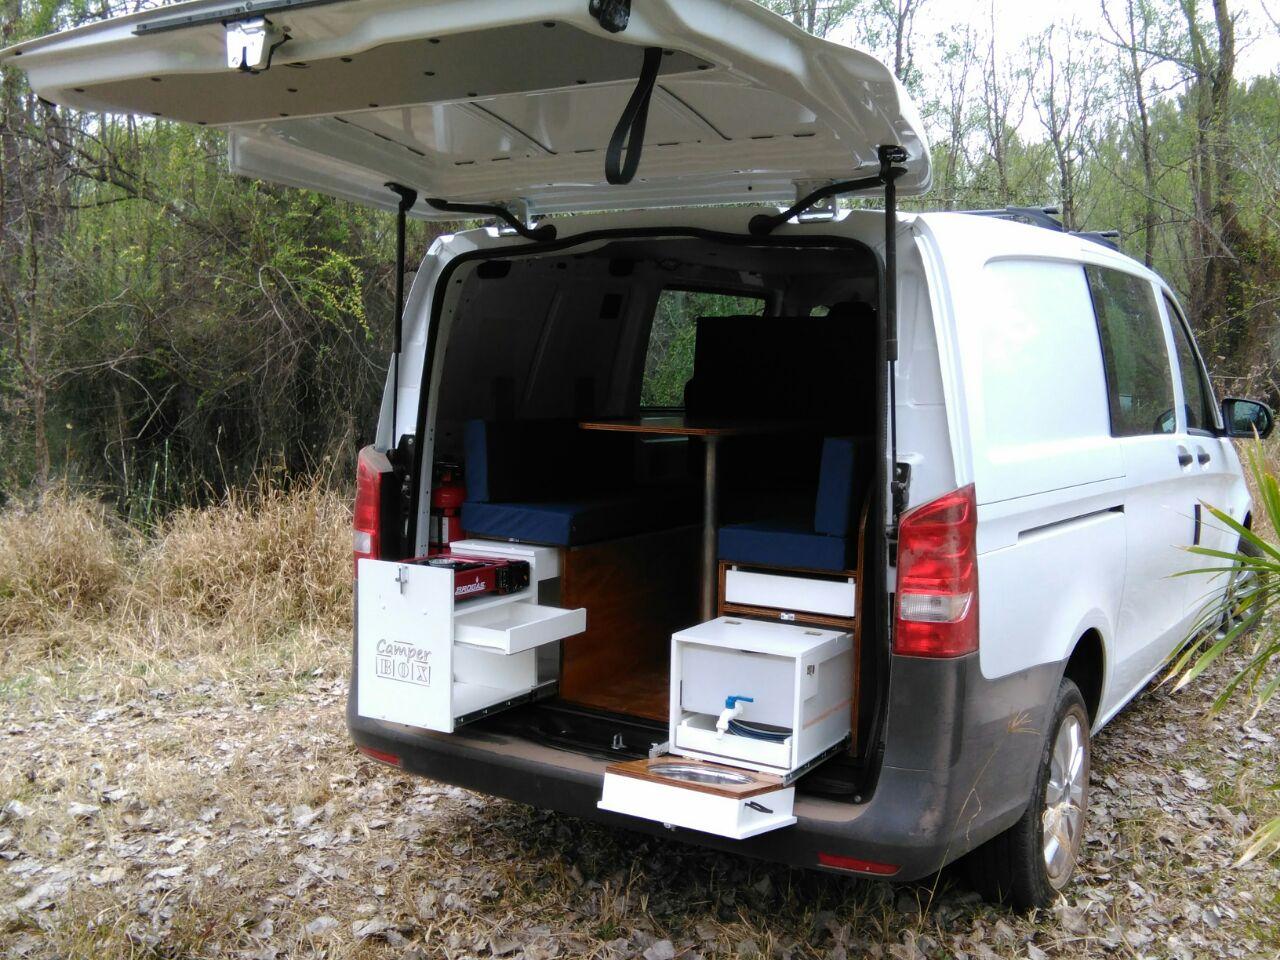 Camperbox